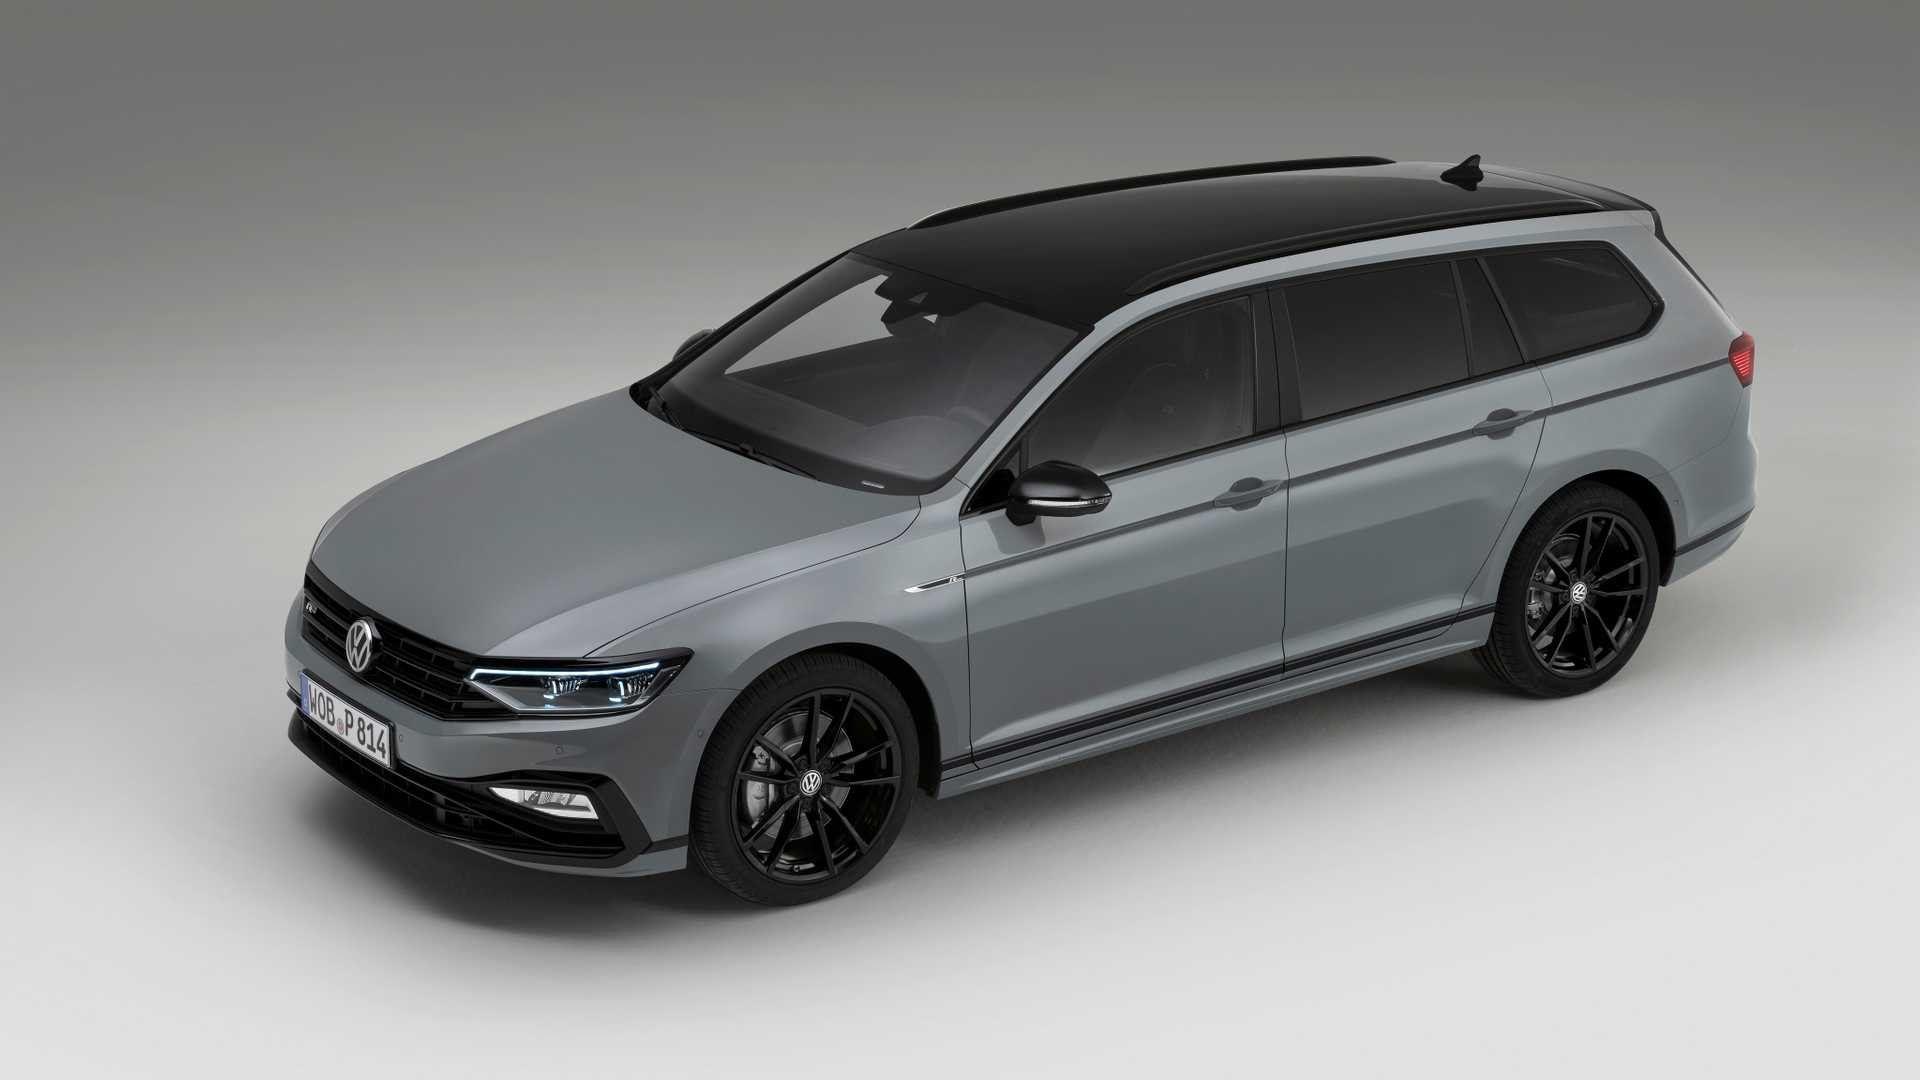 2020 Vw Passat Alltrack Specs And Review Vw Passat Volkswagen Passat Volkswagen